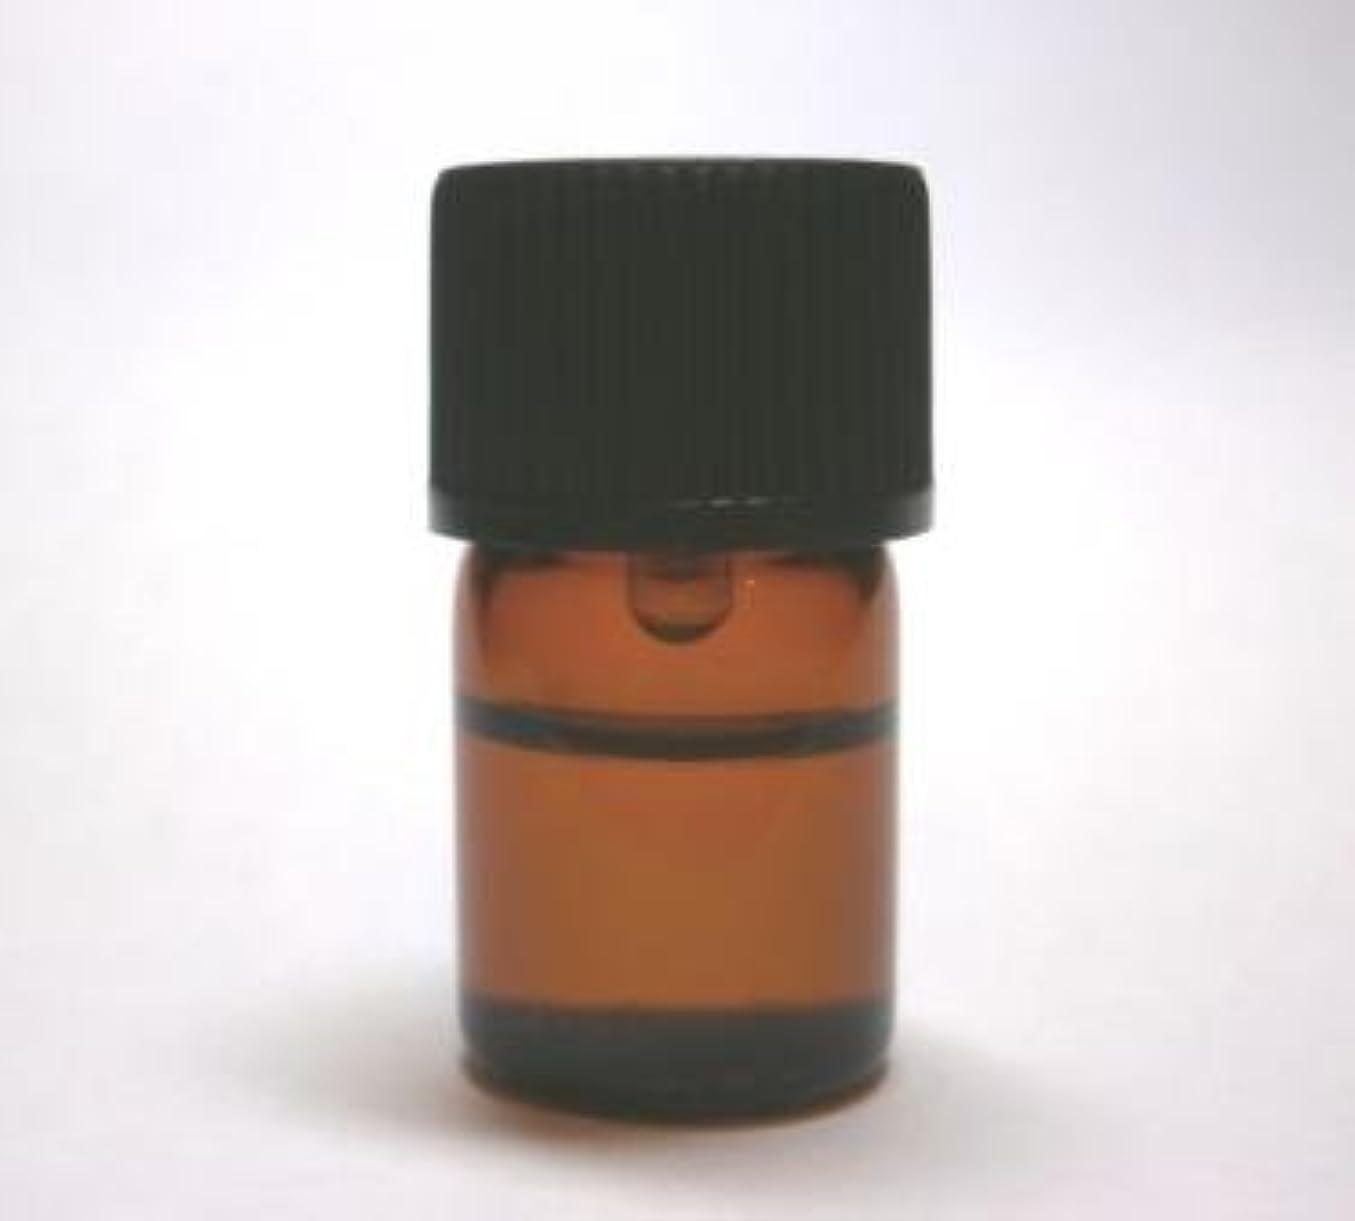 中庭ロック国勢調査カモミール?ローマン3ml/エッセンシャルオイルカモミール:100%/精油カモミール